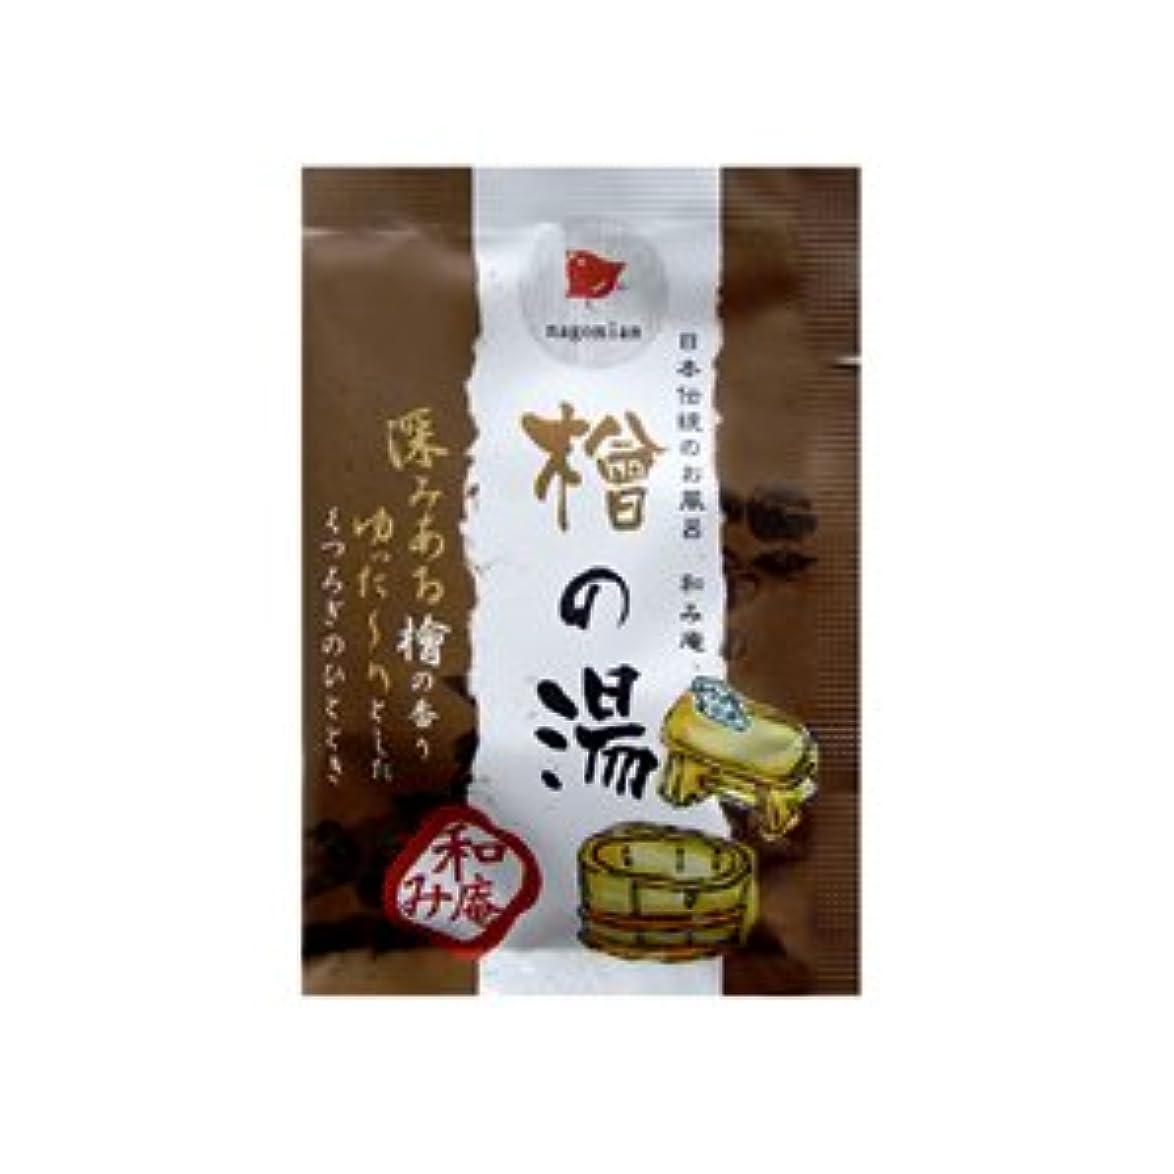 信頼性量大破日本伝統のお風呂 和み庵 檜の湯 25g 10個セット